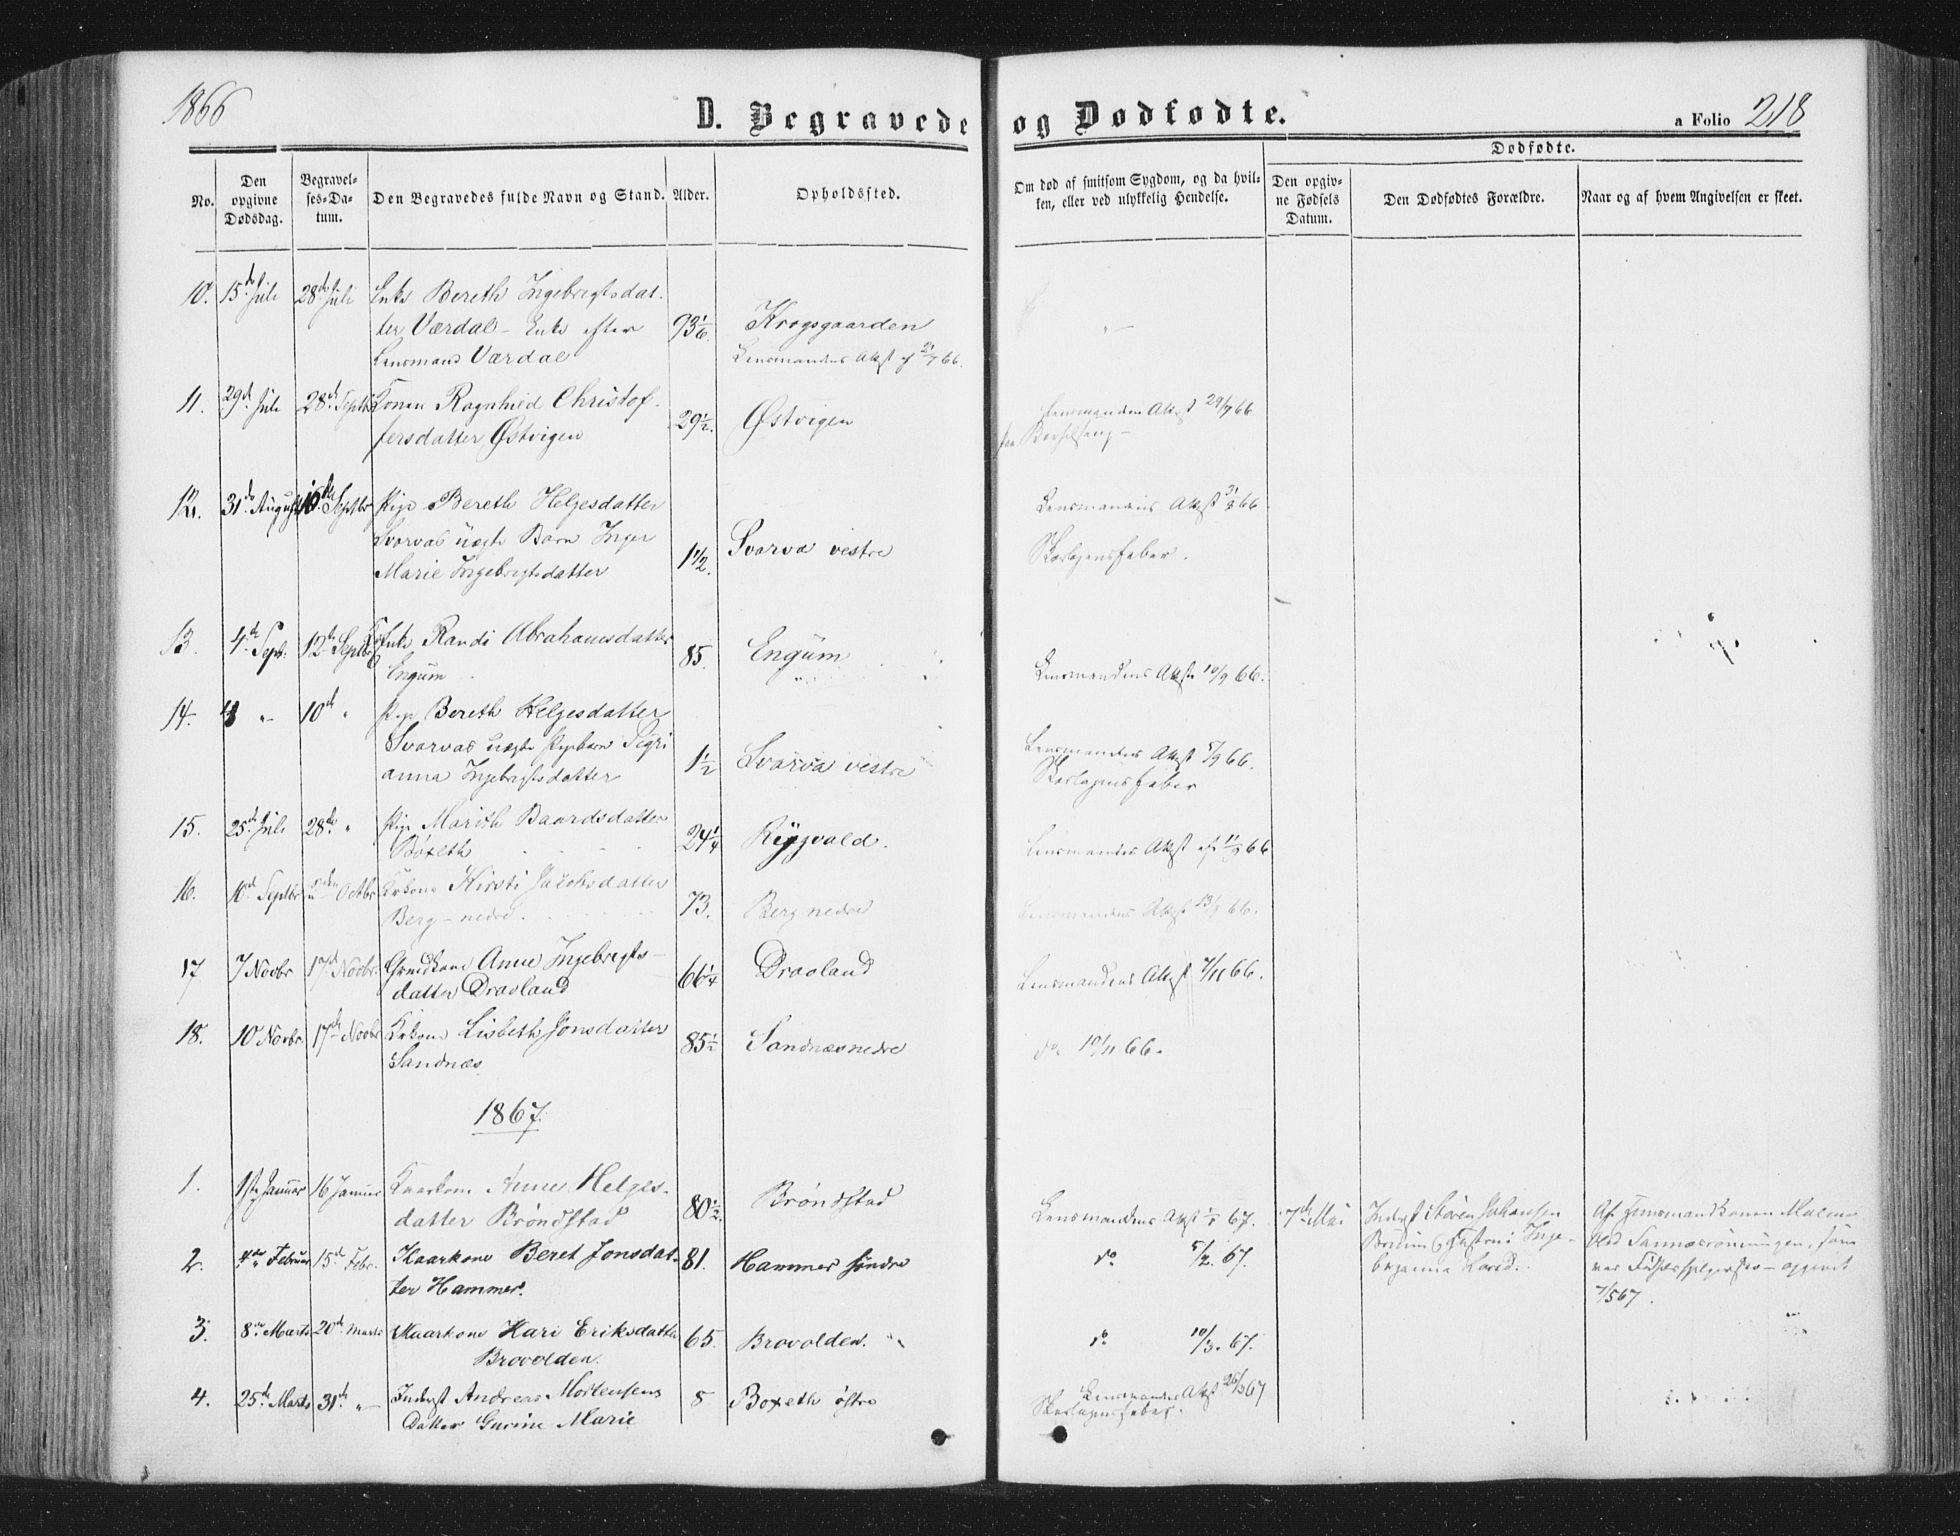 SAT, Ministerialprotokoller, klokkerbøker og fødselsregistre - Nord-Trøndelag, 749/L0472: Ministerialbok nr. 749A06, 1857-1873, s. 218